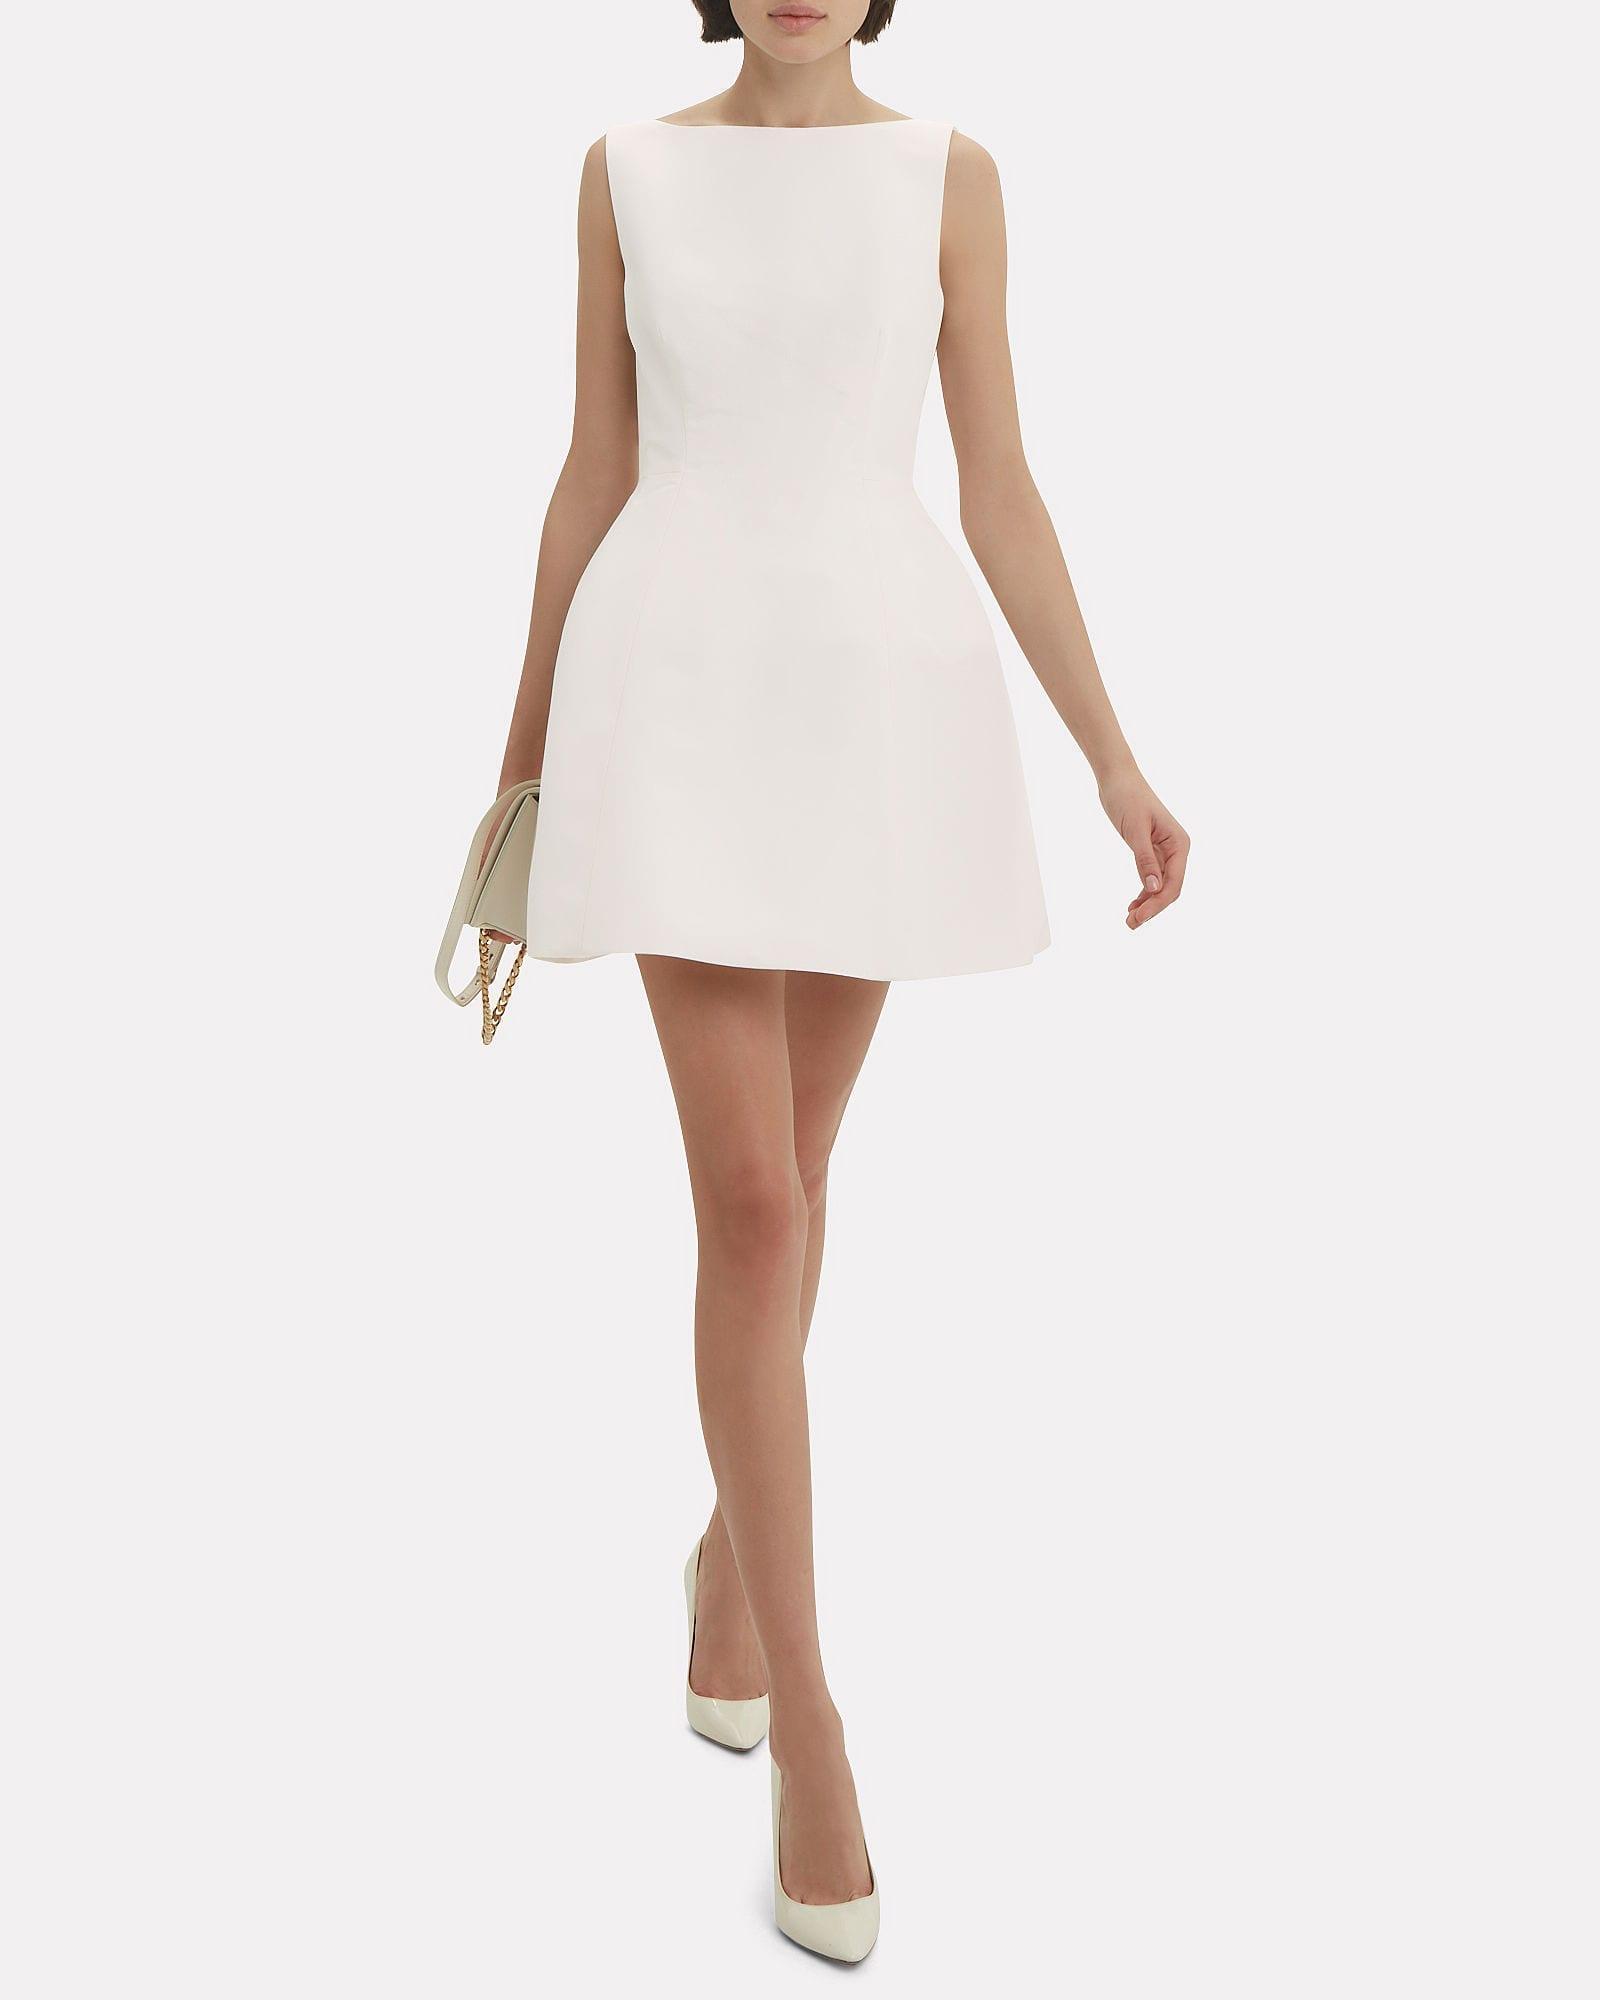 Bubble white dress foto